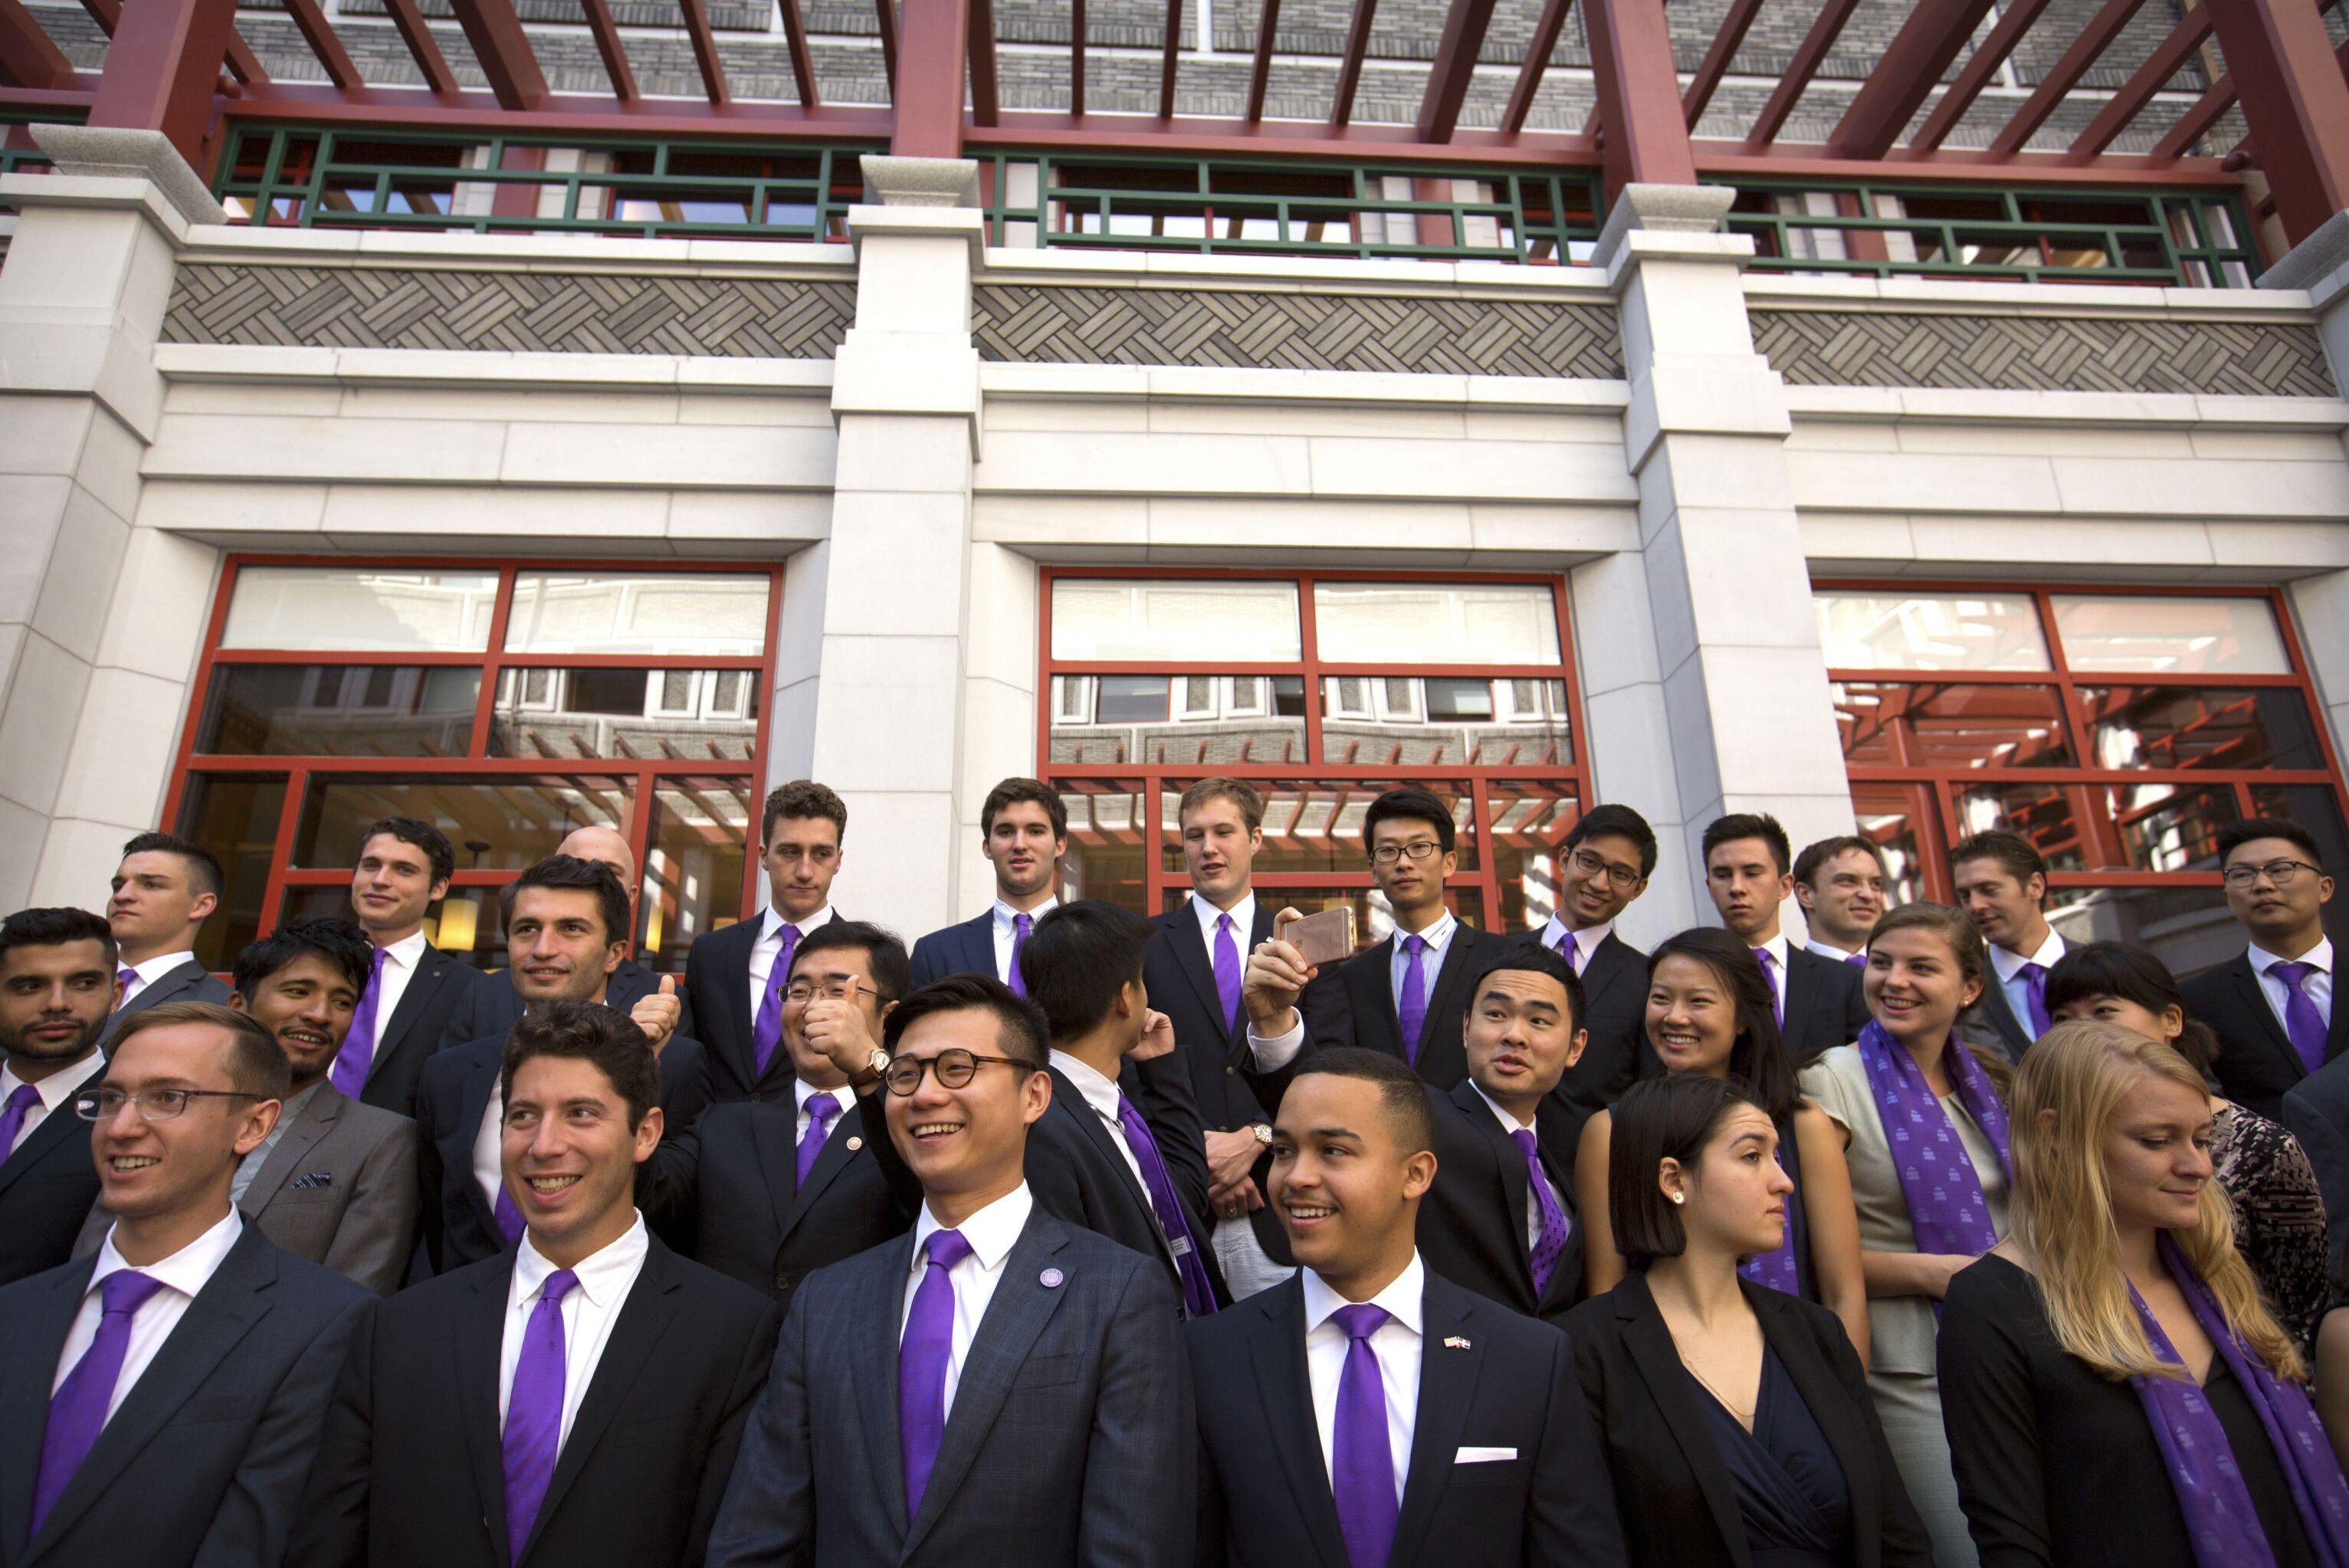 Foto em grupo antes da cerimônia de abertura oficial do programa acadêmico na Universidade Tsinghua, em Pequim, em 2016.